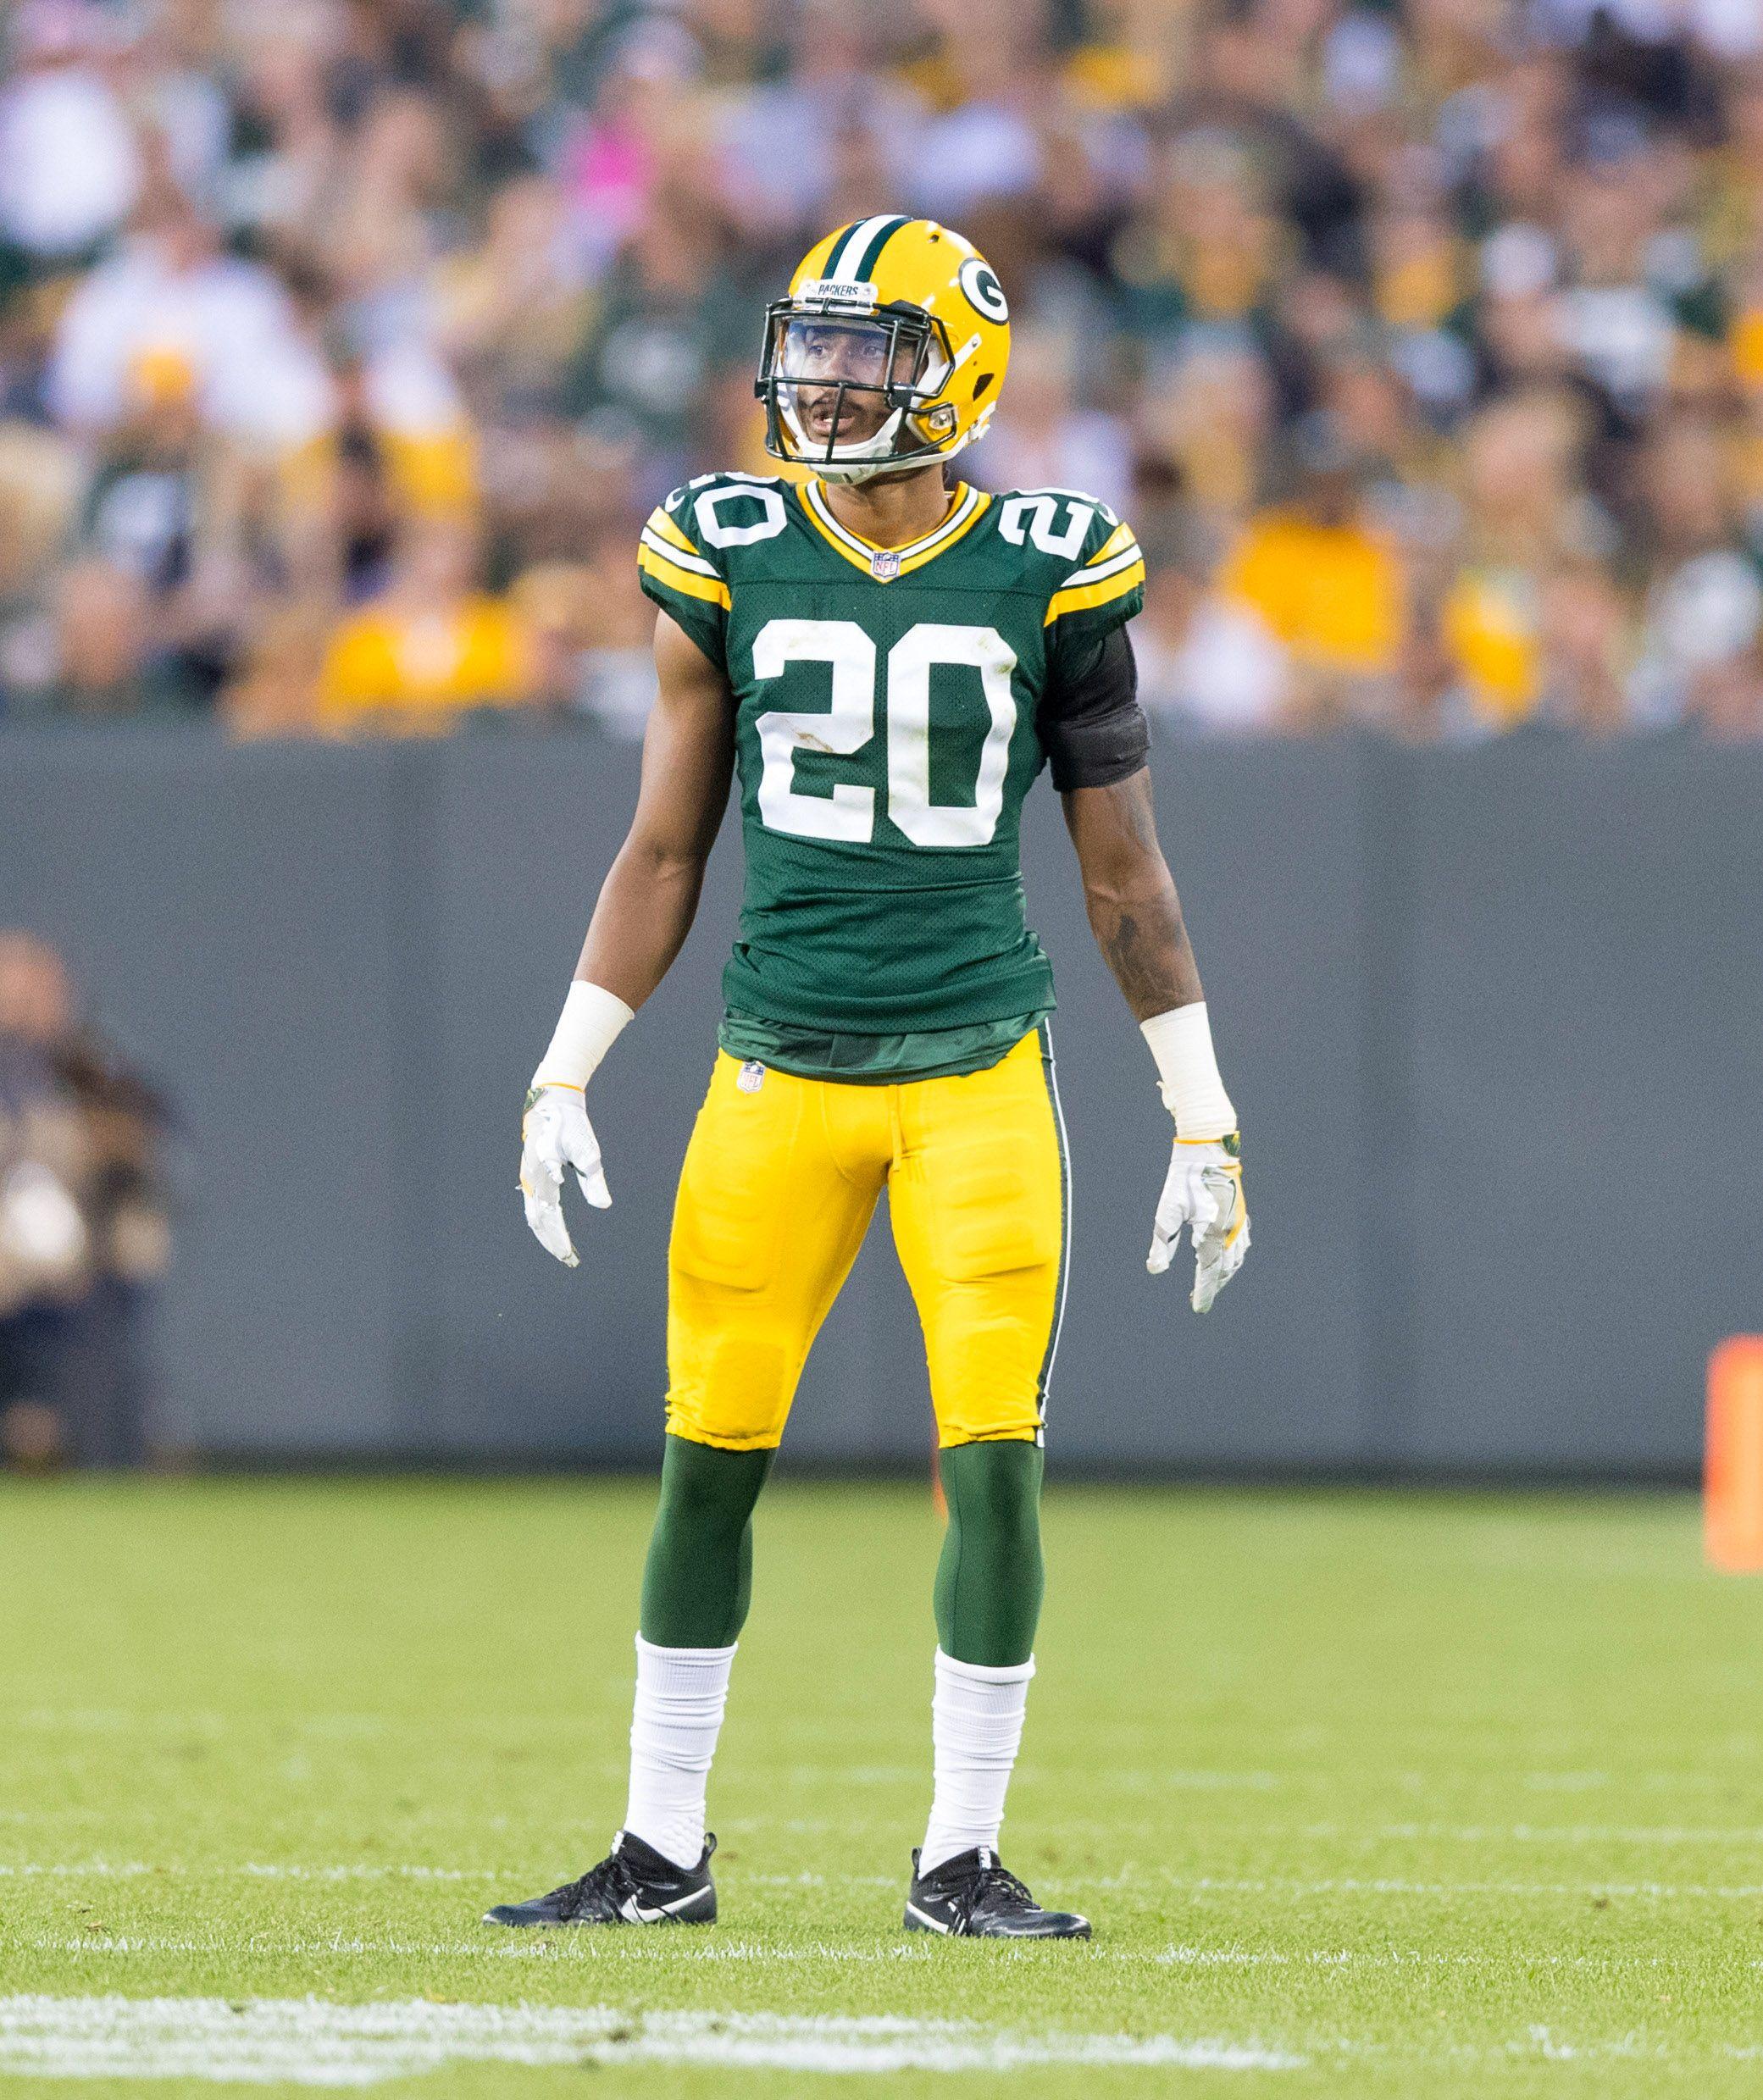 Packers Aaron Jones Becomes Aaron Rodgers Favorite Target In Win Green Bay Packers Blog Aaron Rodgers Green Bay Packers Nfl Fans